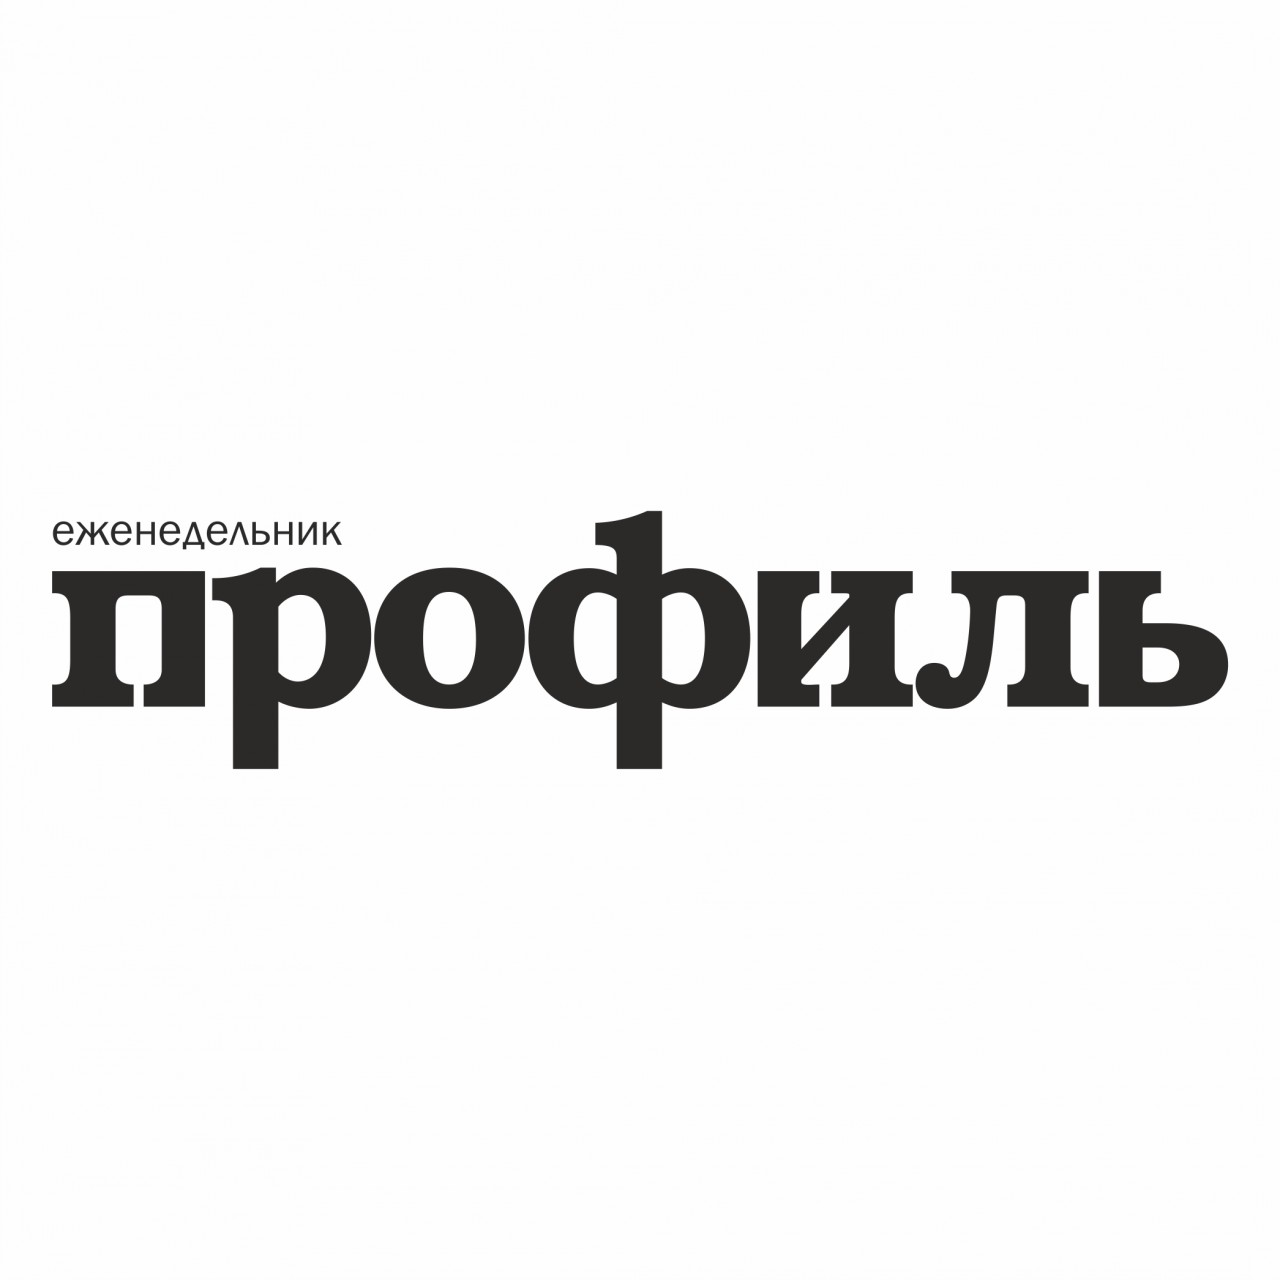 СМИ сообщили о возможном назначении Кудрина на «важный пост»